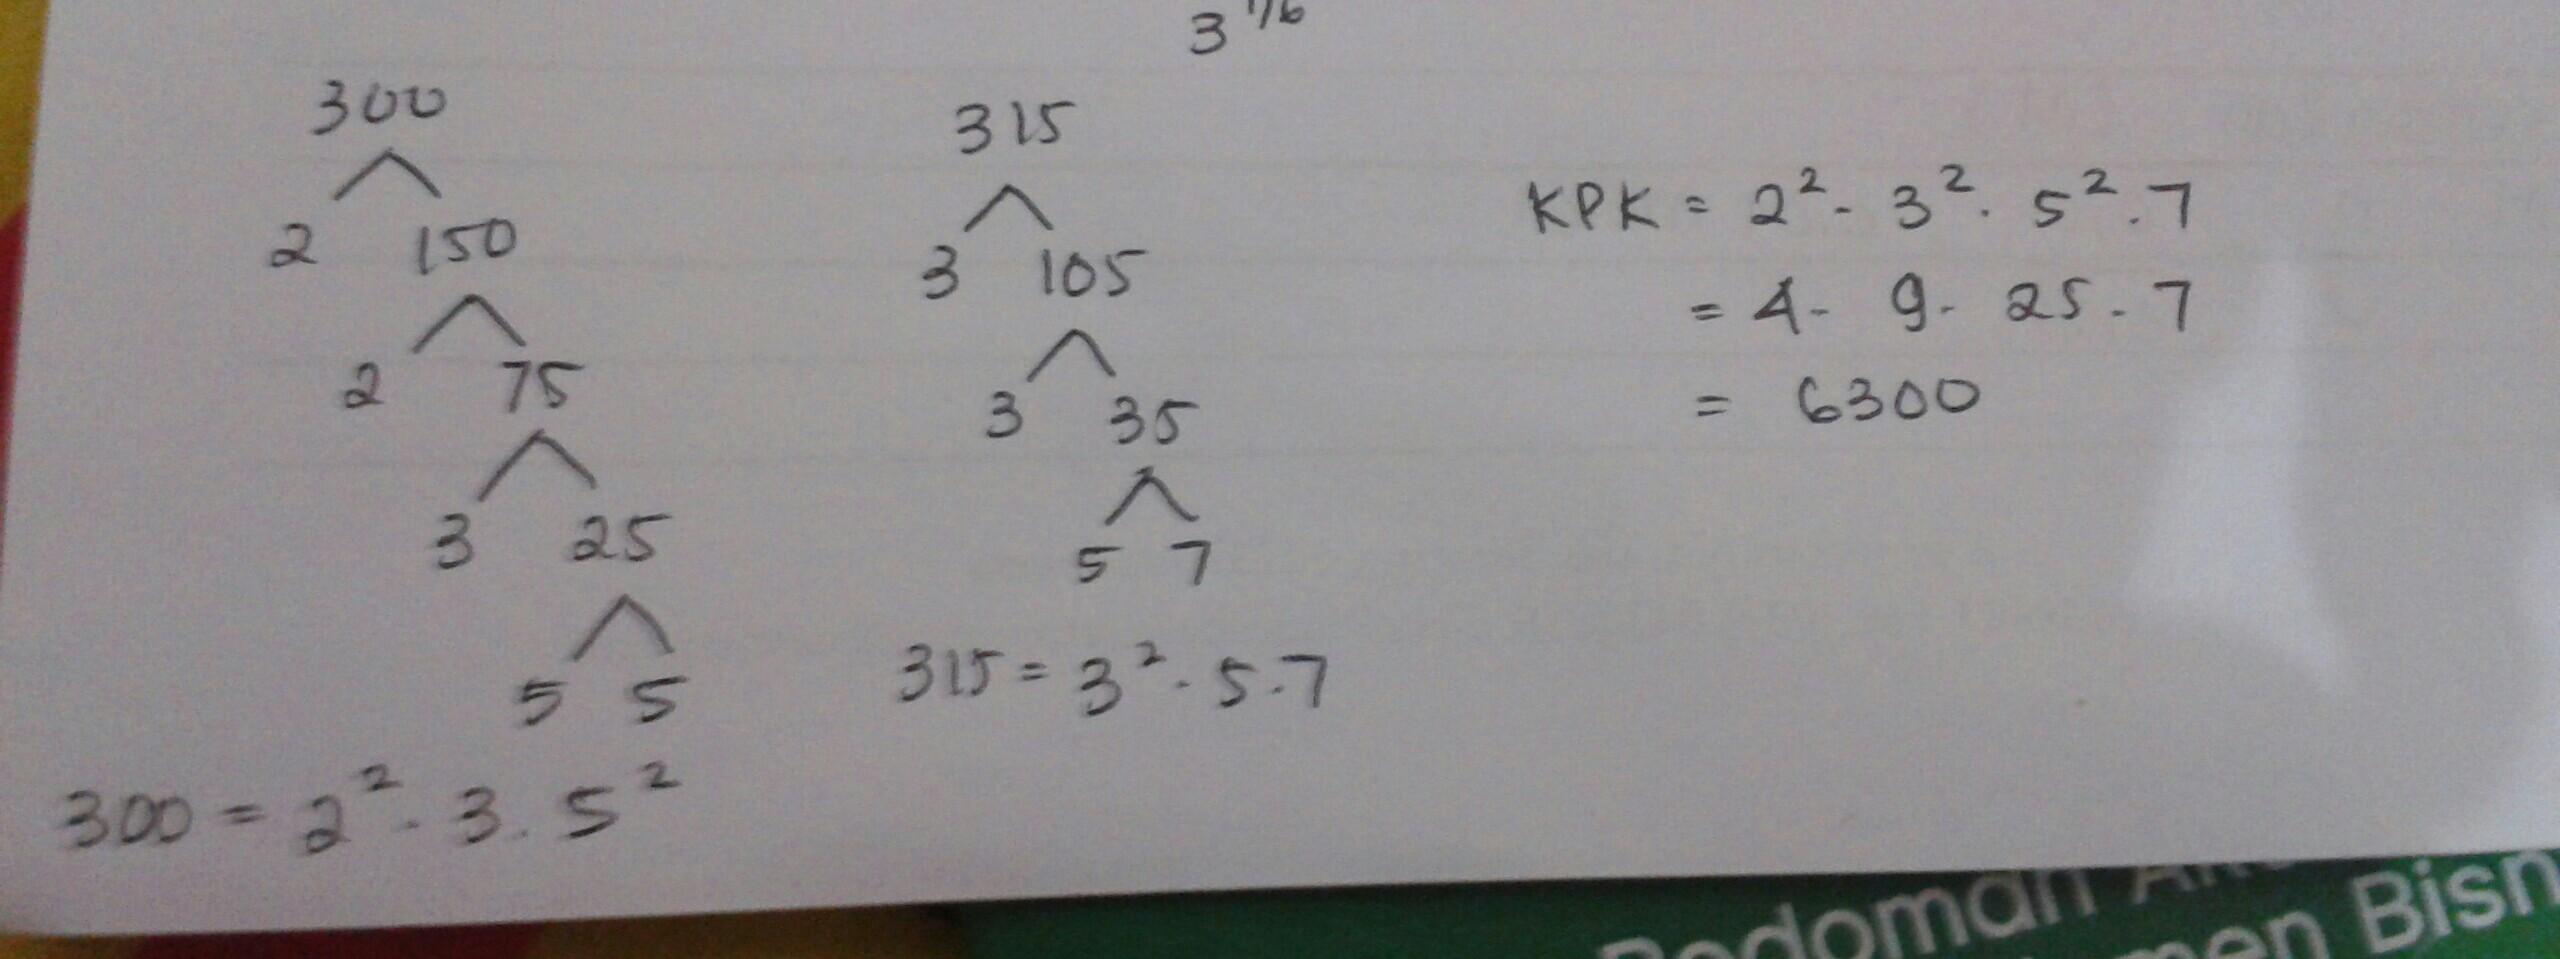 KPK dari 300 dan 315 dalam bentuk faktorisasi prima adalah ...